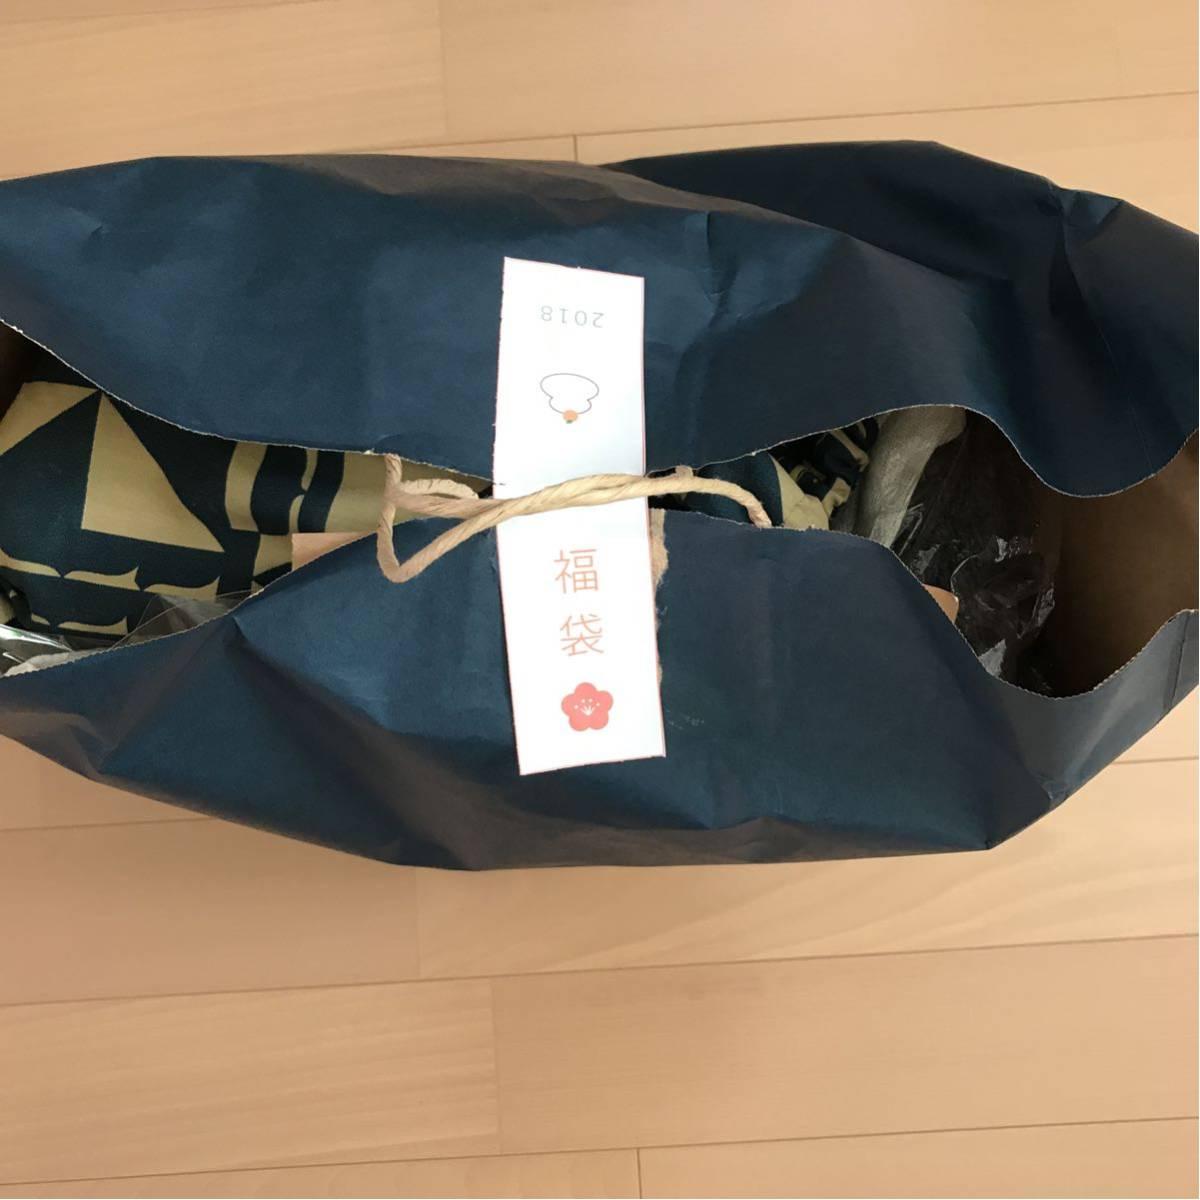 マドリガル madrigal 福袋 108000円 抜き取りなし セレクトショップ 検索 ebagos noguchi クリステンセン